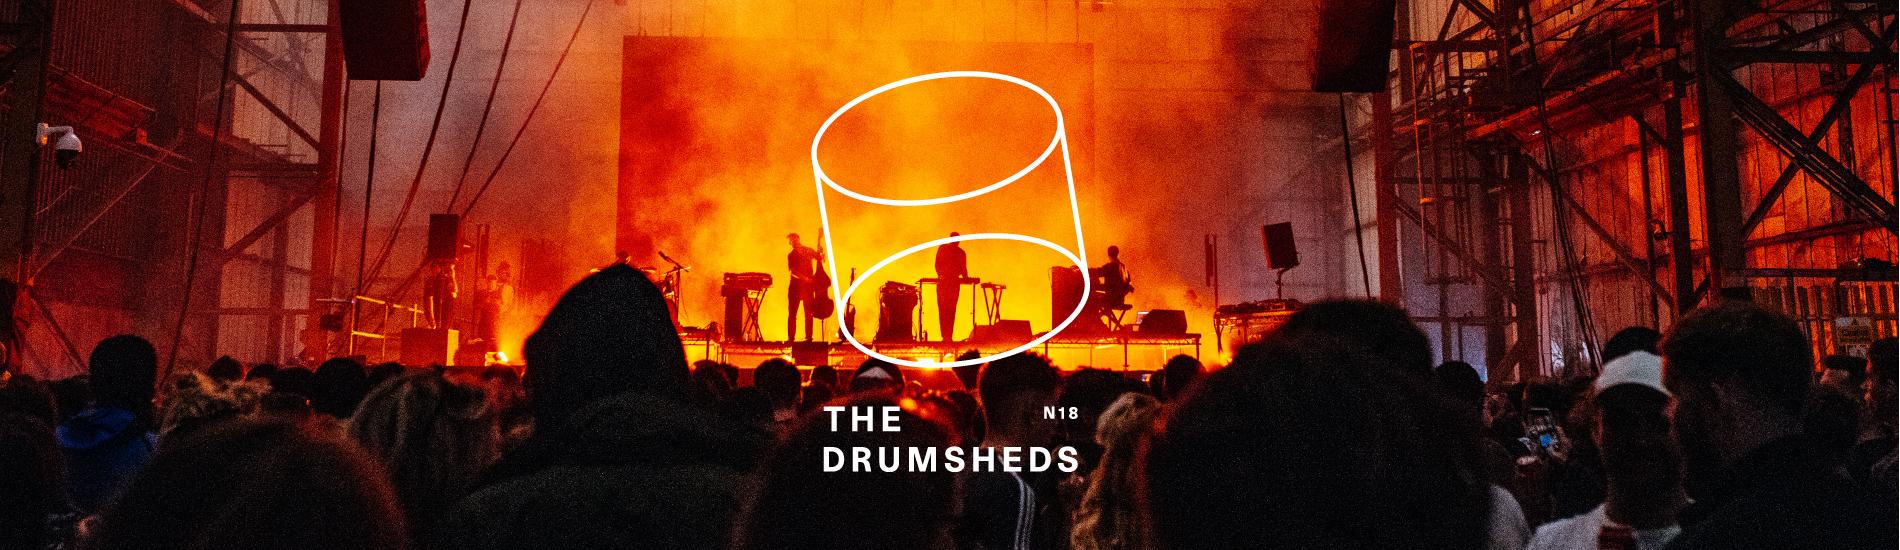 Drumsheds London